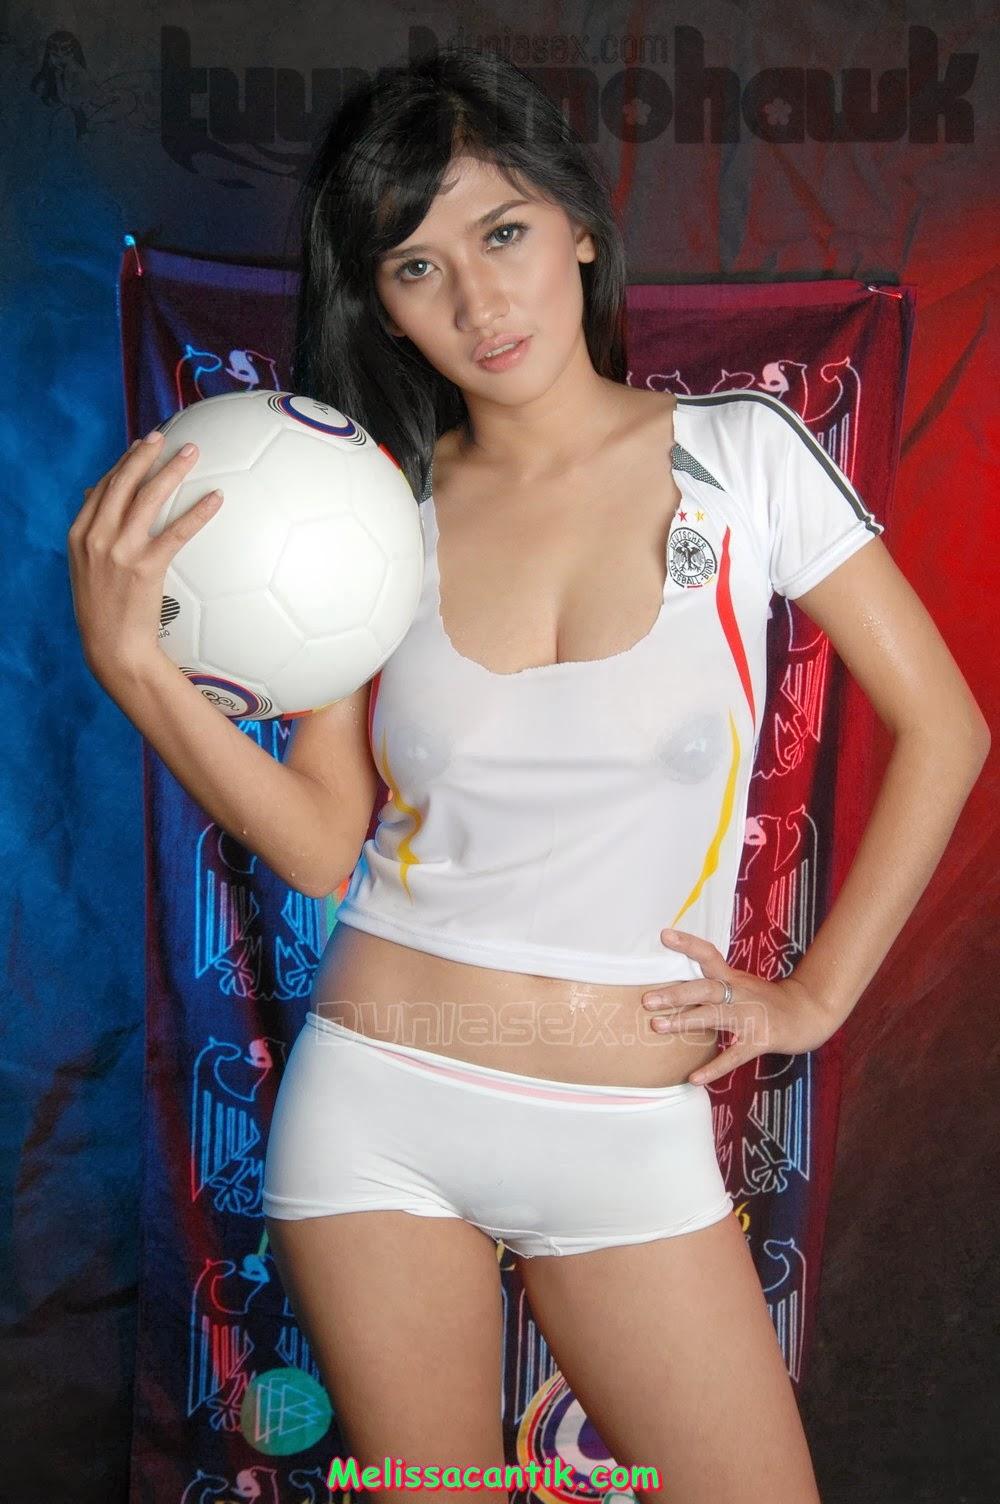 ... bola jerman gambar hd wallpaper cewek indonesia montok berkostum bola